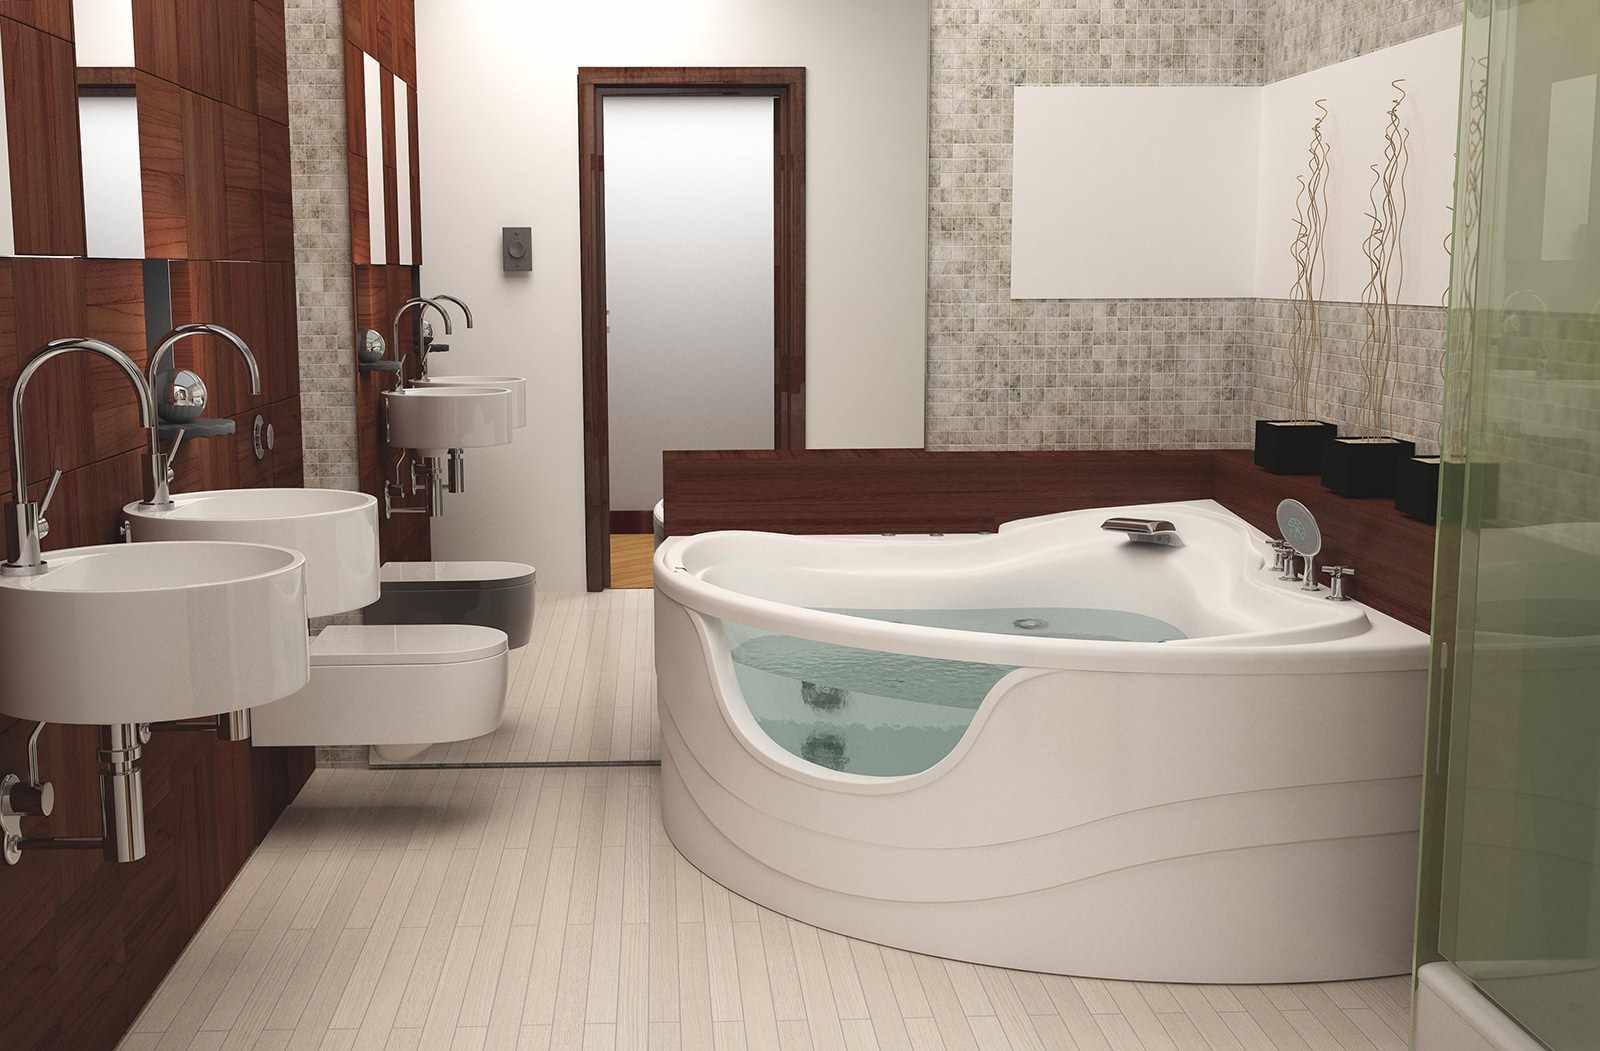 вариант необычного дизайна ванной комнаты с угловой ванной